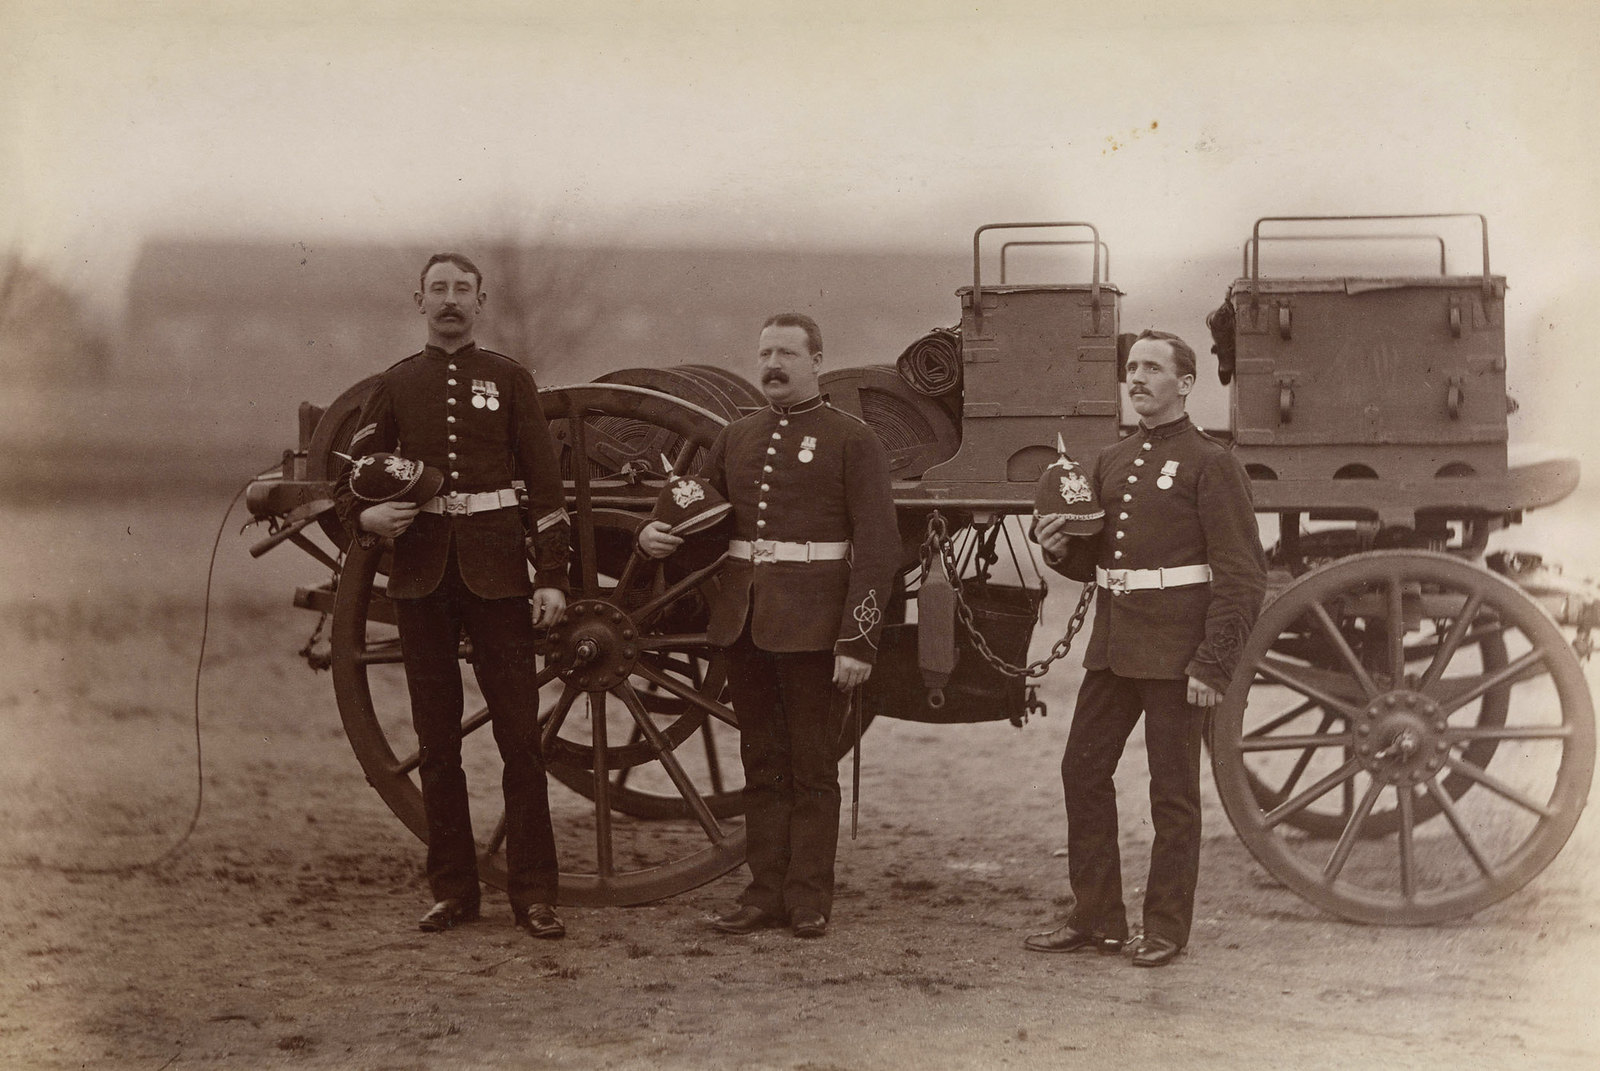 31. Три солдата из королевских инженеров возле телеграфа во время англо-египетской войны